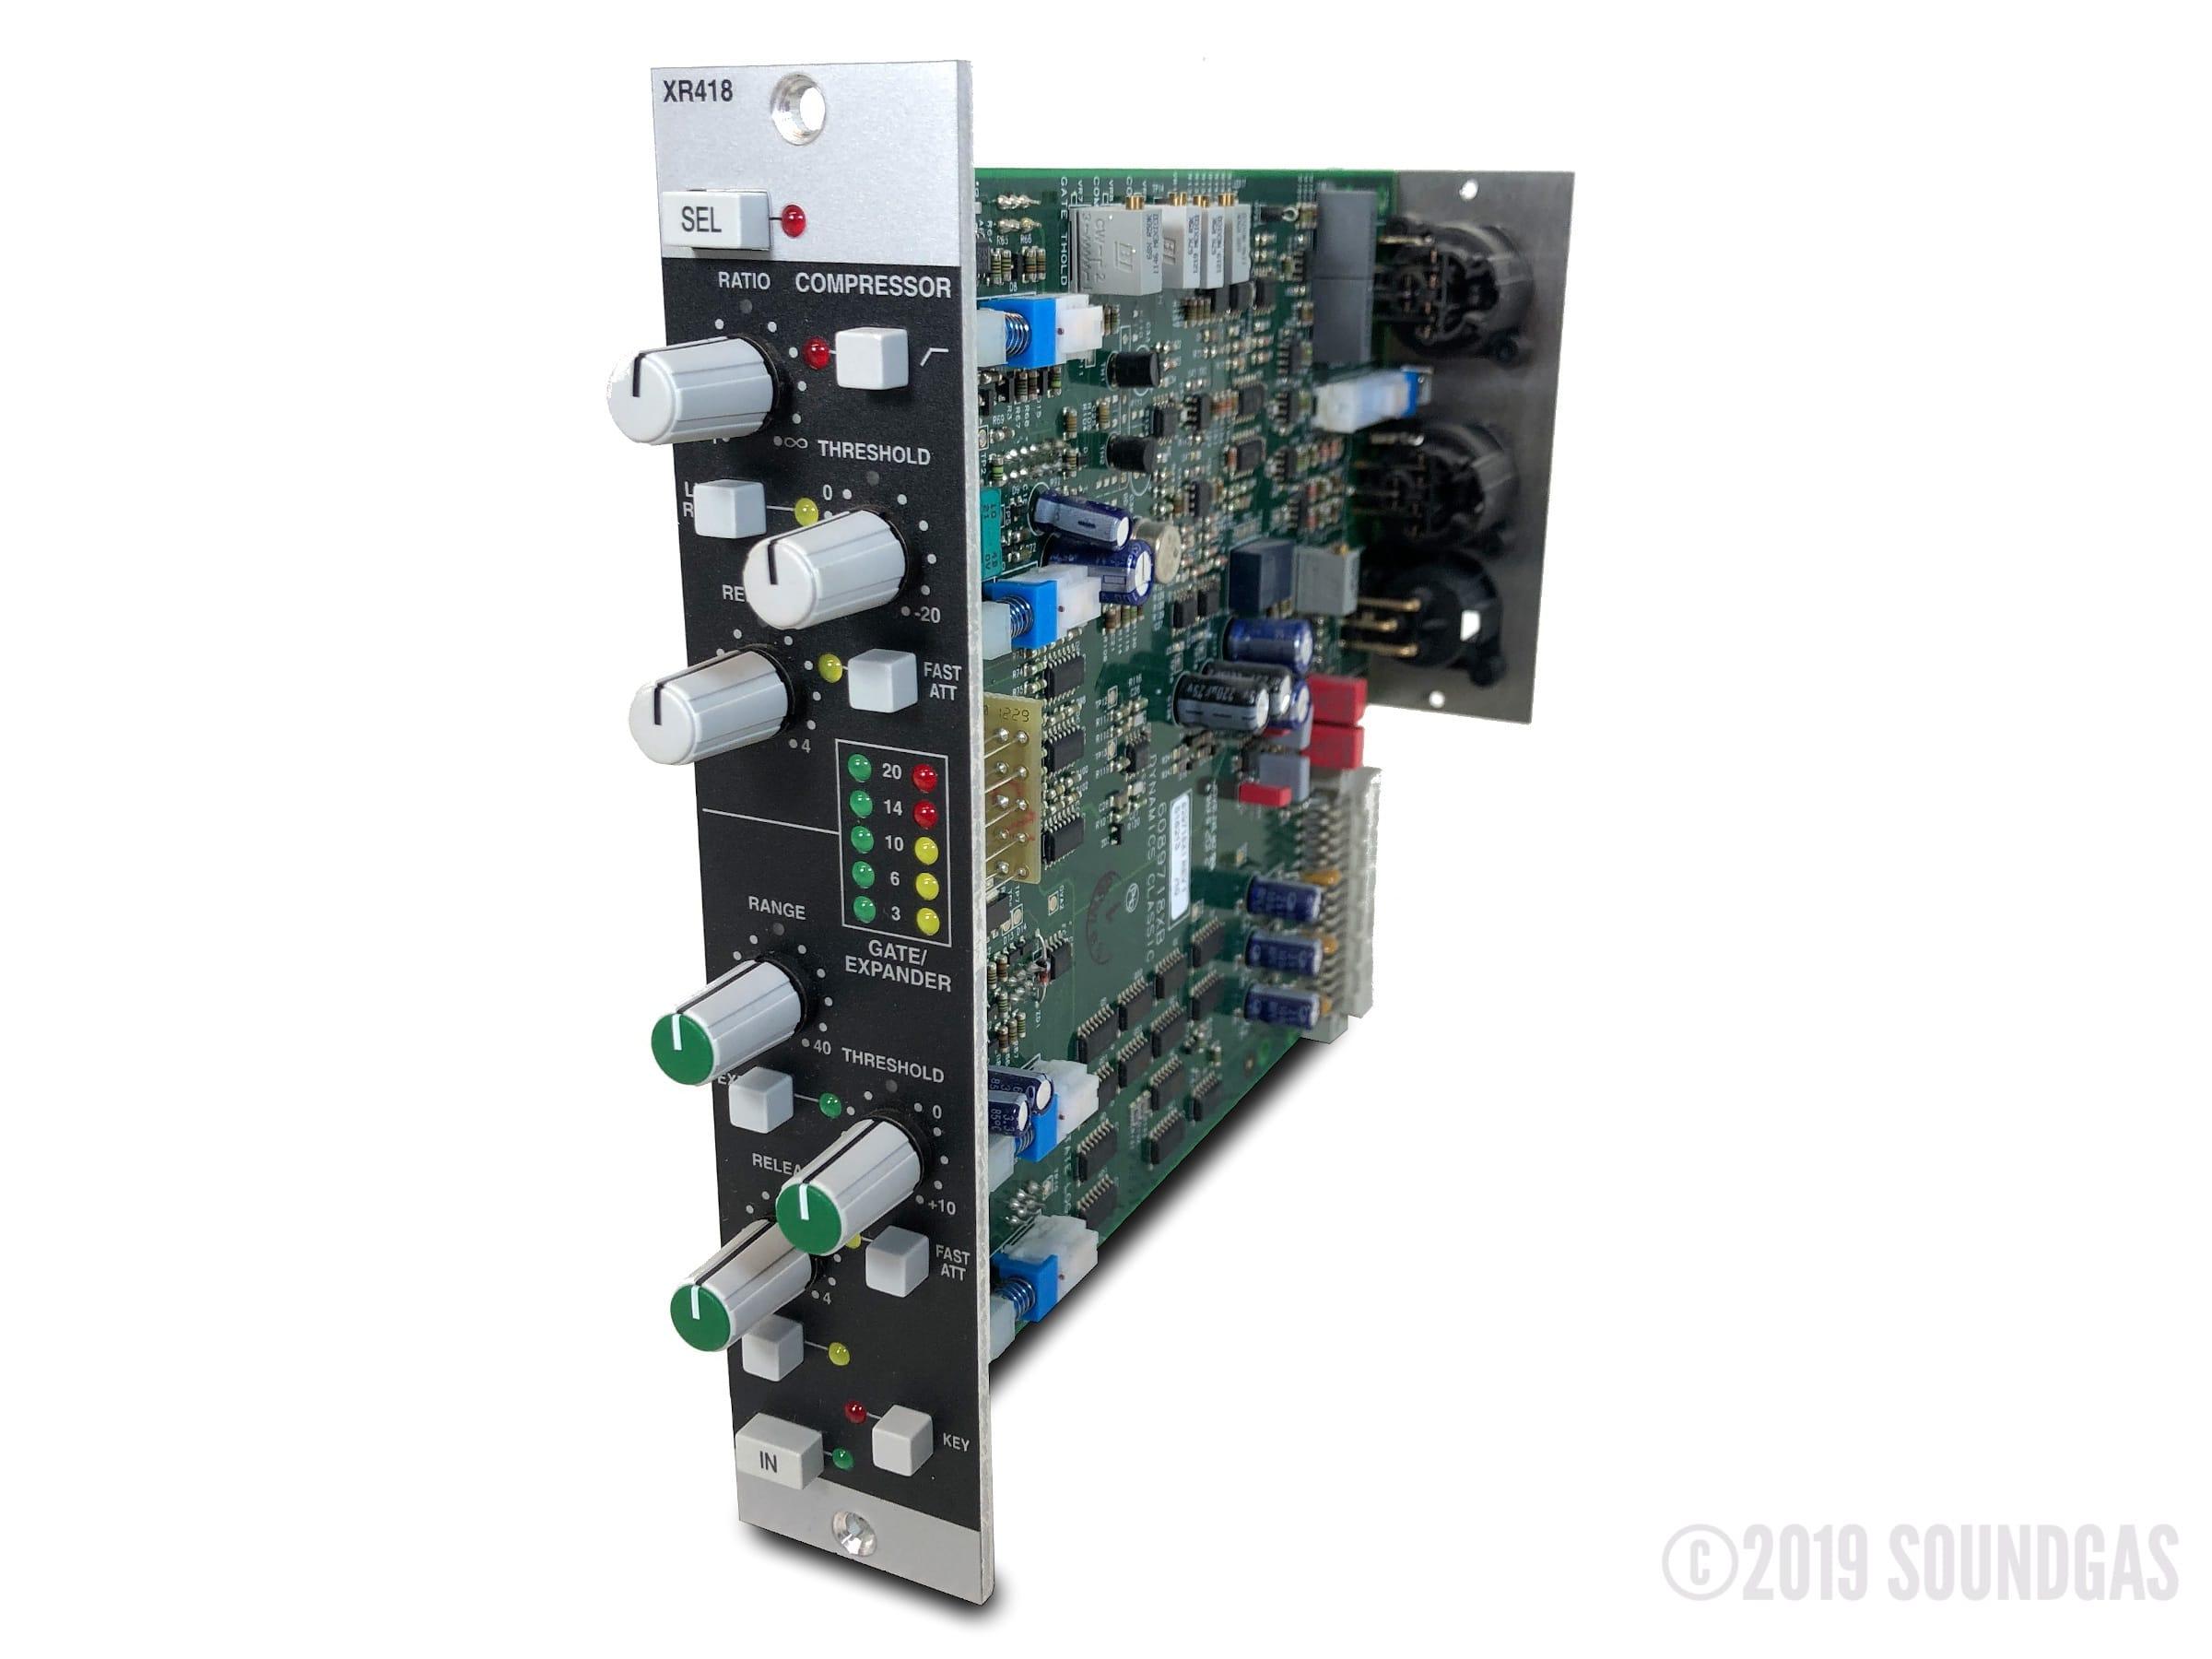 SSL-XR418-Compressor-SN10-Cover-2